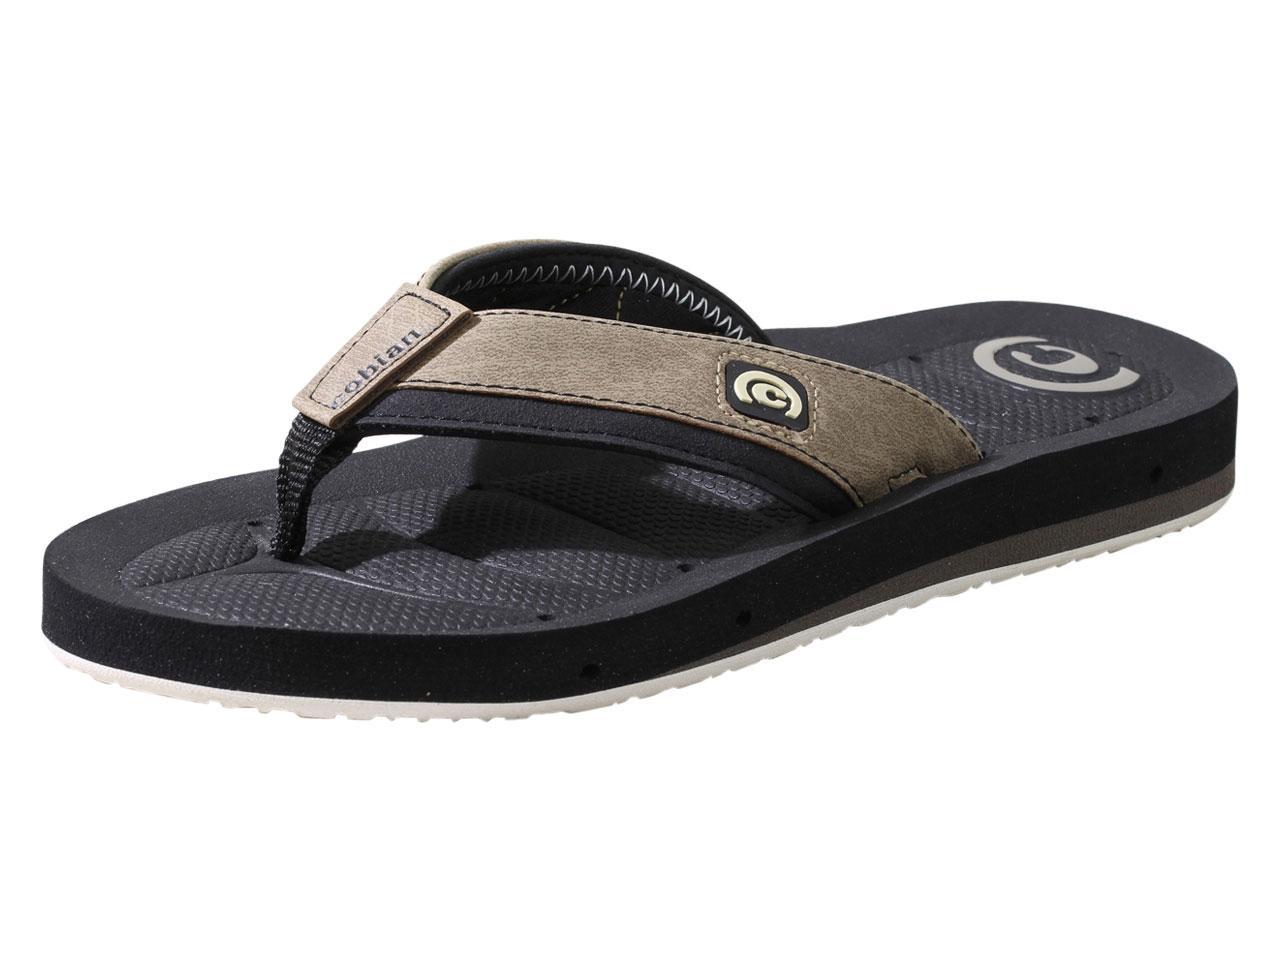 Image of Cobian Men's Draino II Flip Flops Sandals Shoes - Cement - 8 D(M) US